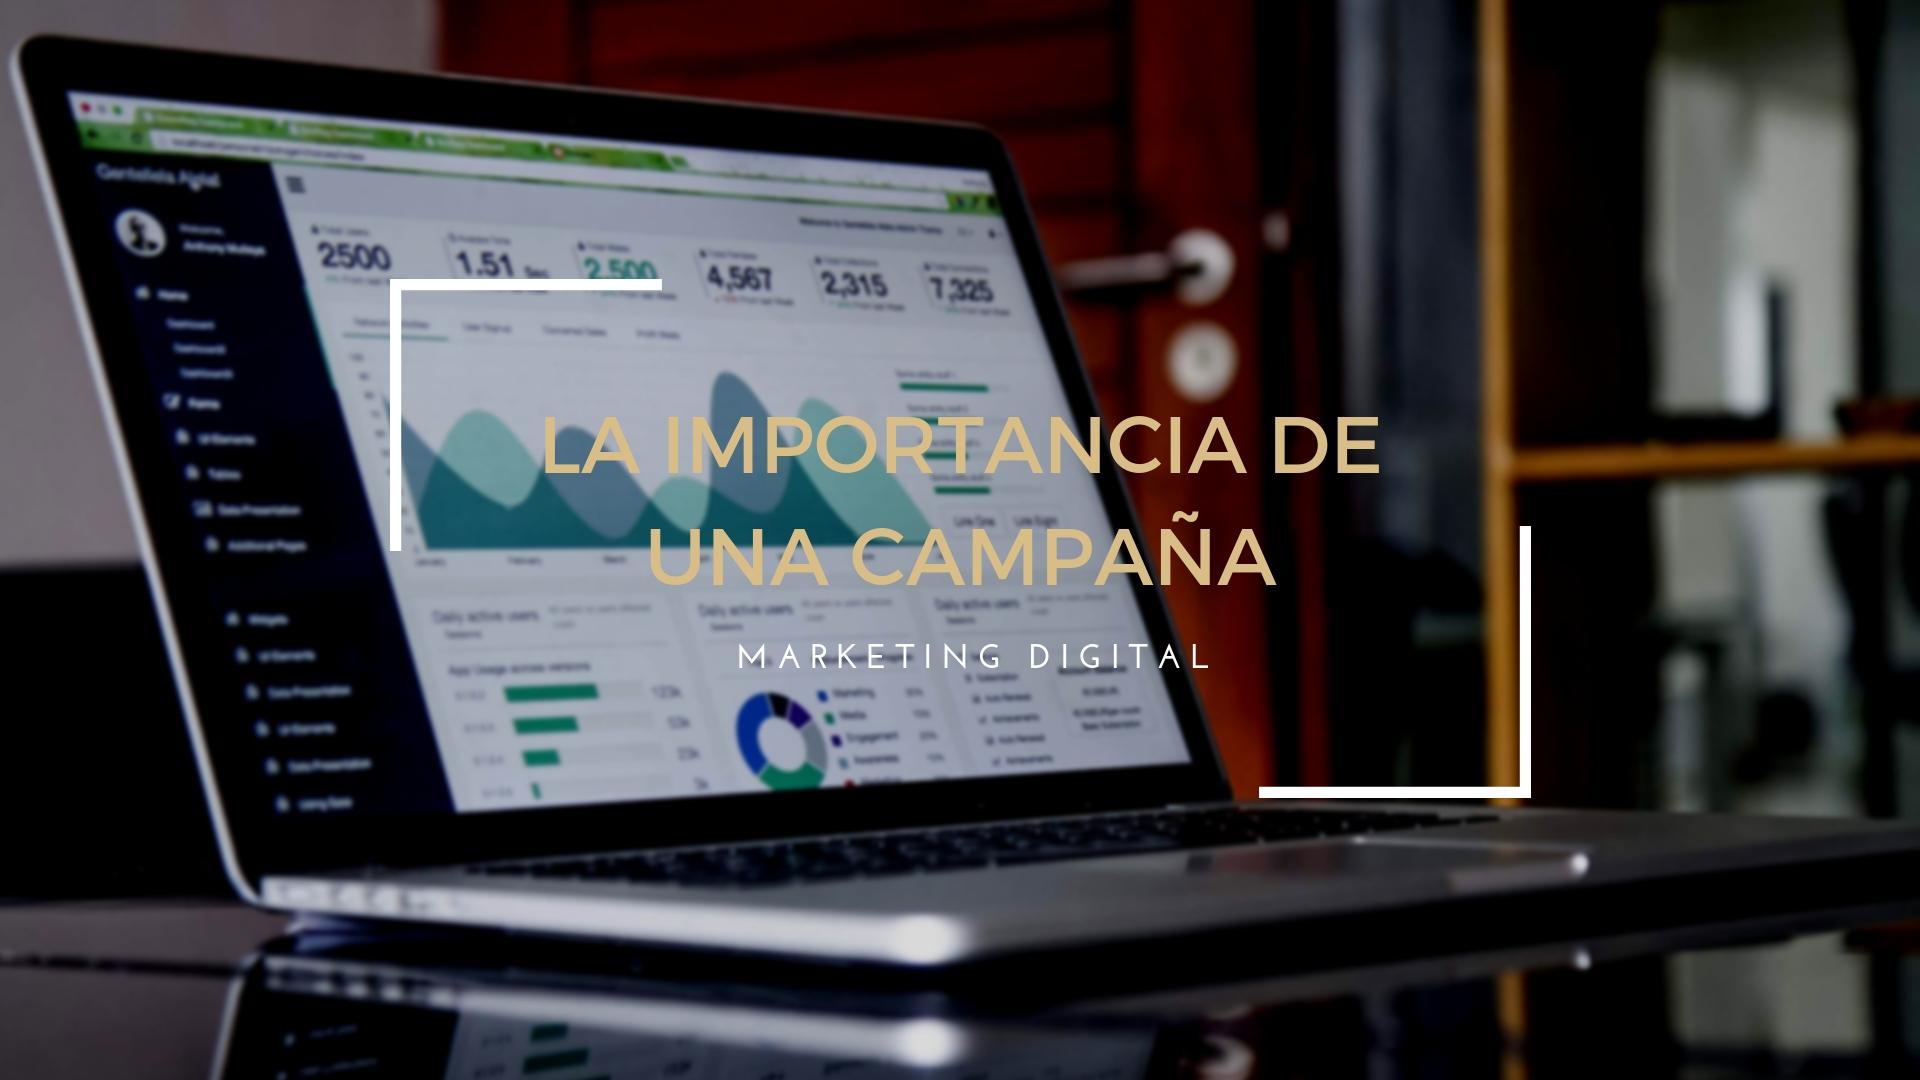 La importancia de una campaña de marketing digital